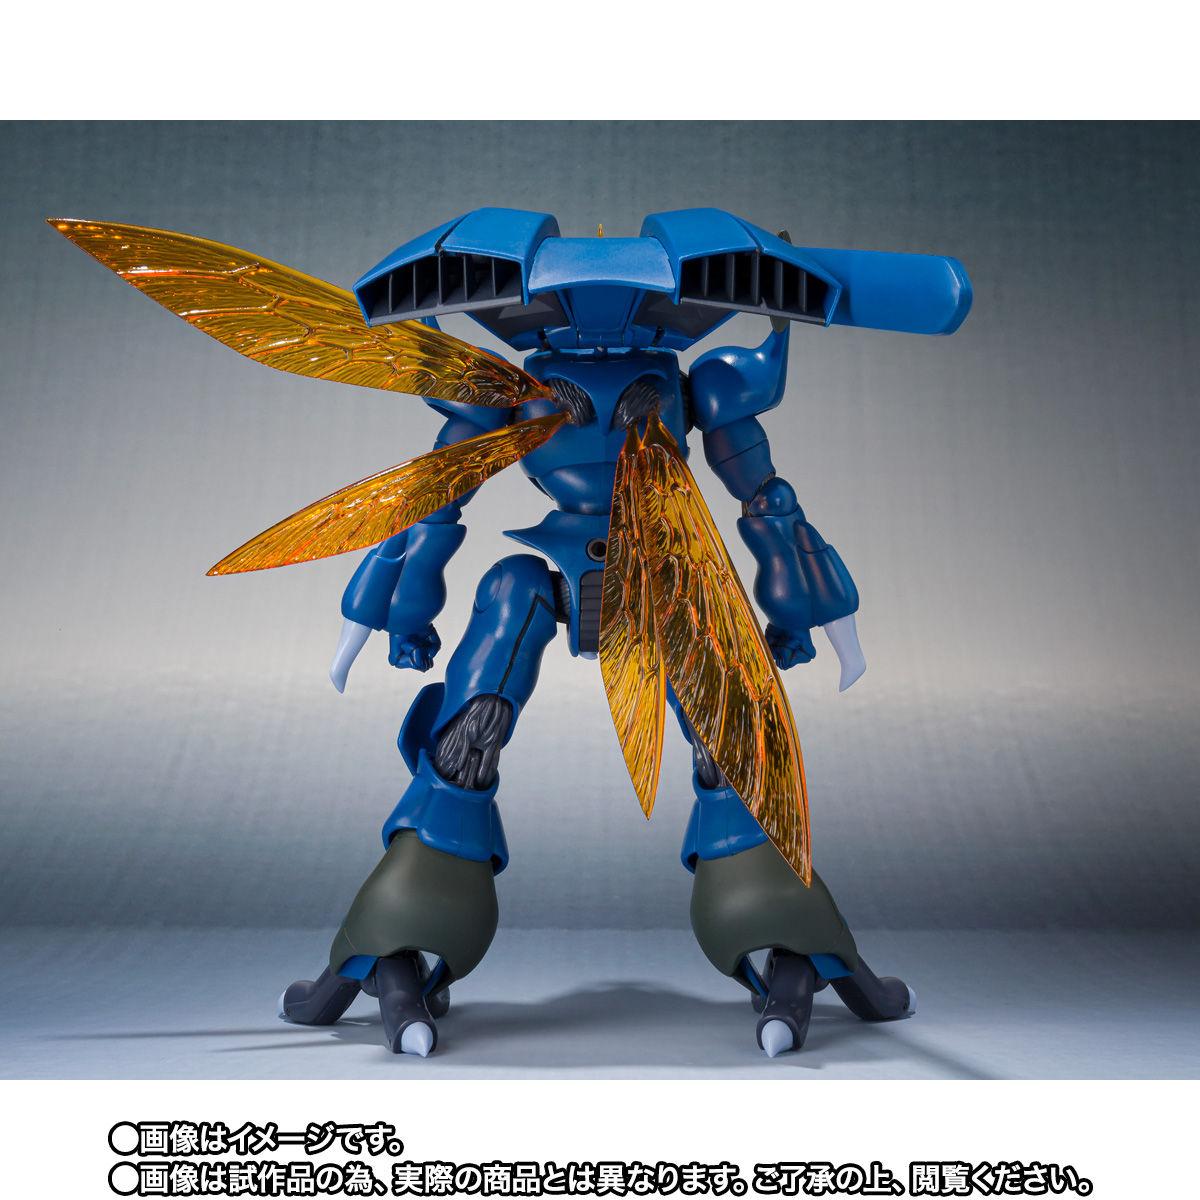 【限定販売】ROBOT魂〈SIDE AB〉『ビランビー & ユニコン・ウー セット』可動フィギュア-003